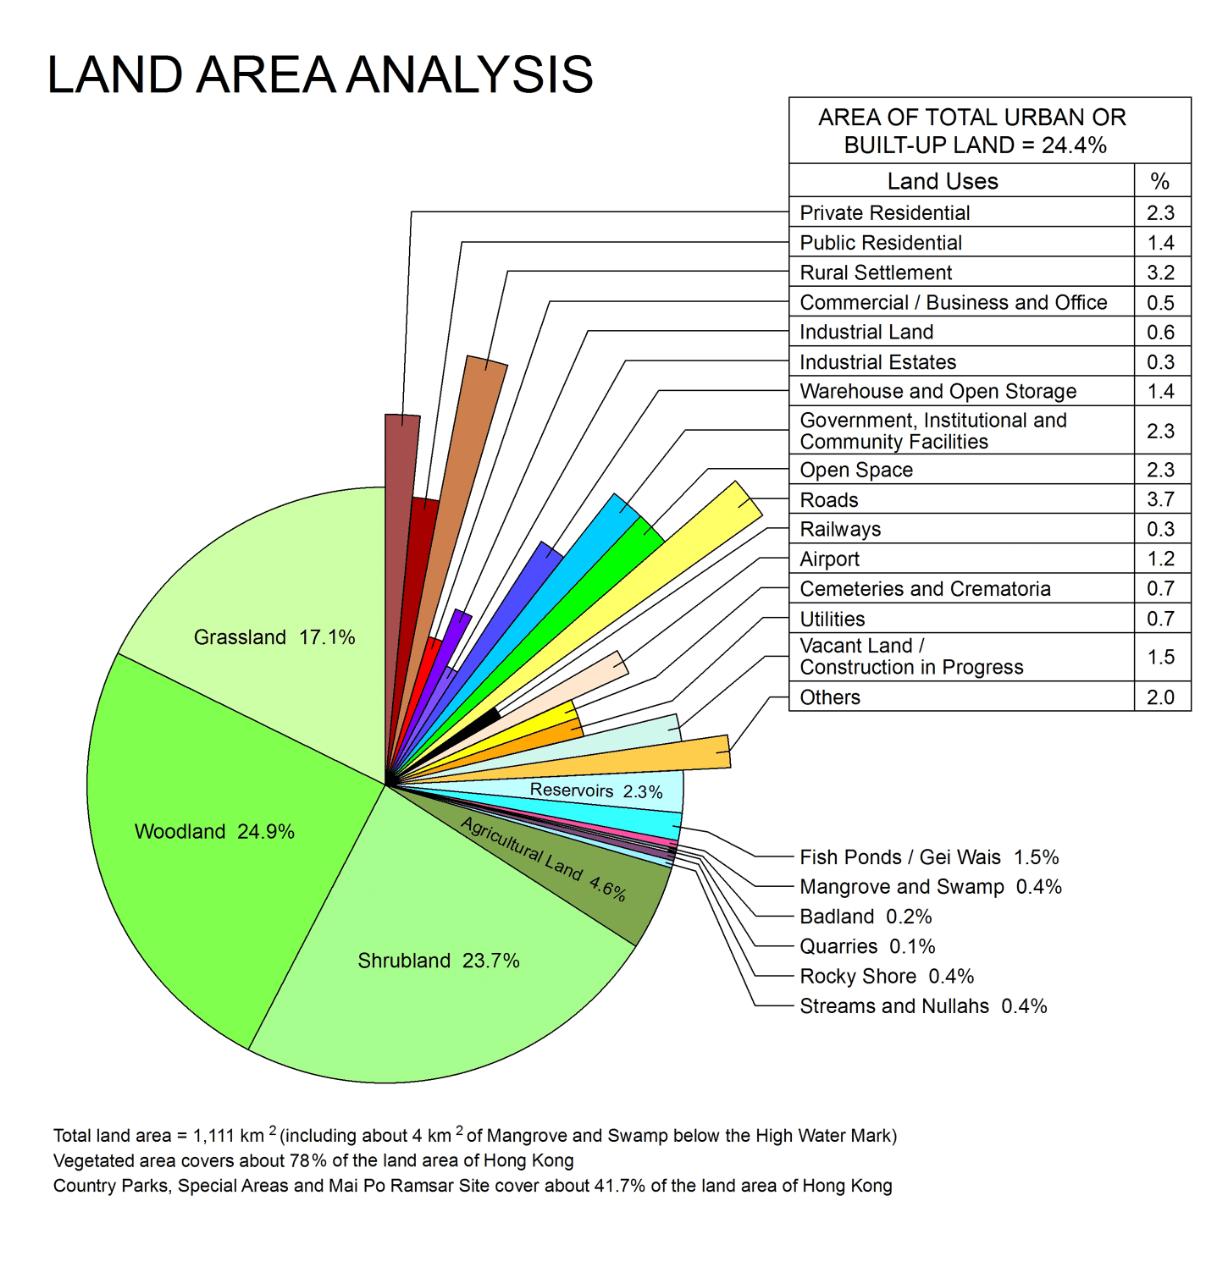 В Департаменте планирования проанализировали, какую площадь что занимает в Гонконге. Жилые здания — менее 7% территории